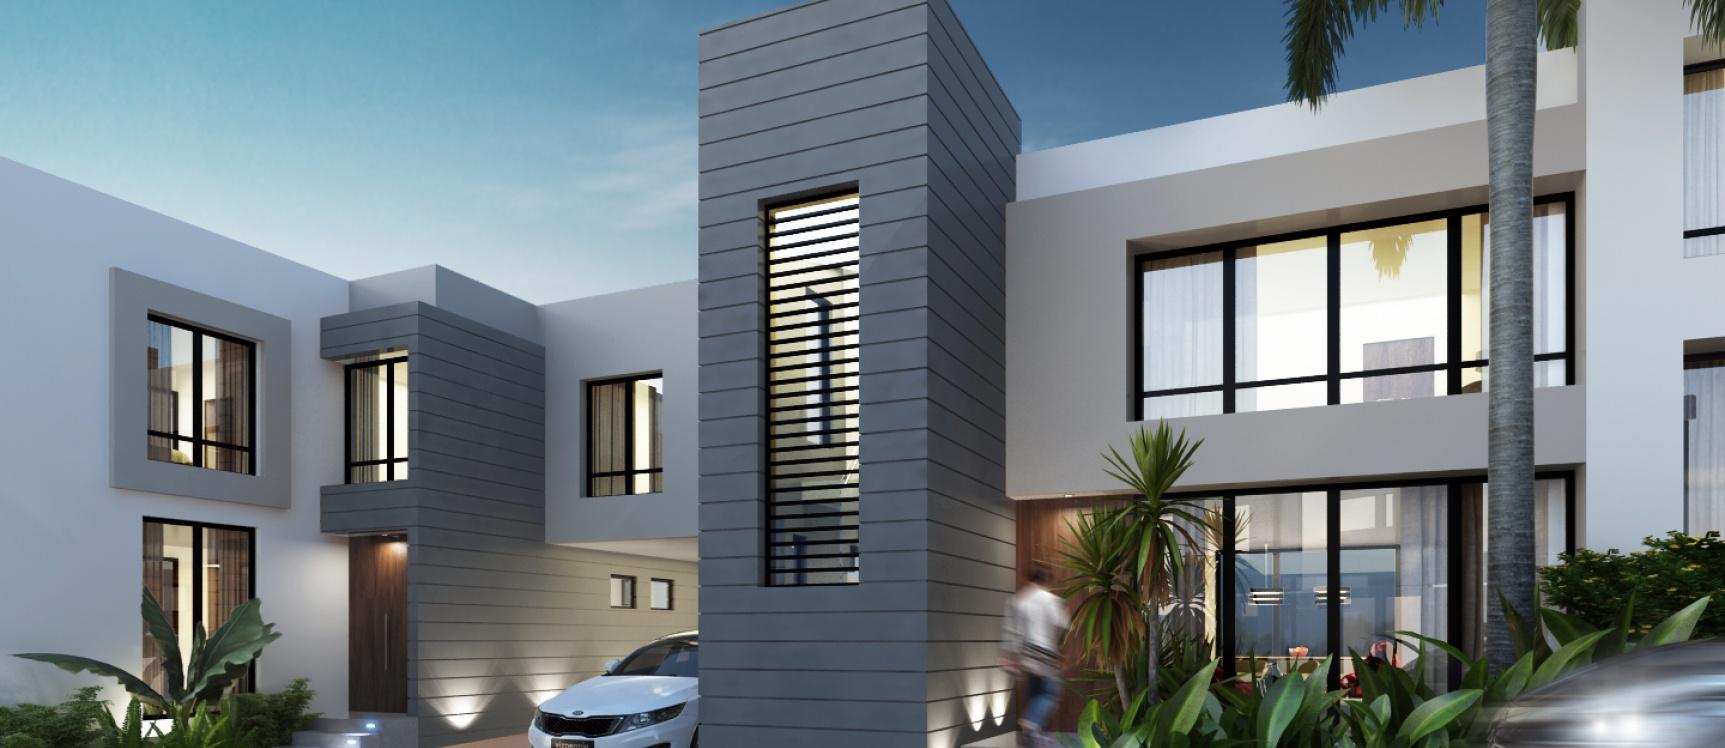 GeoBienes - Villa 6 - Colinas de Santa Cecilia - Plusvalia Guayaquil Casas de venta y alquiler Inmobiliaria Ecuador